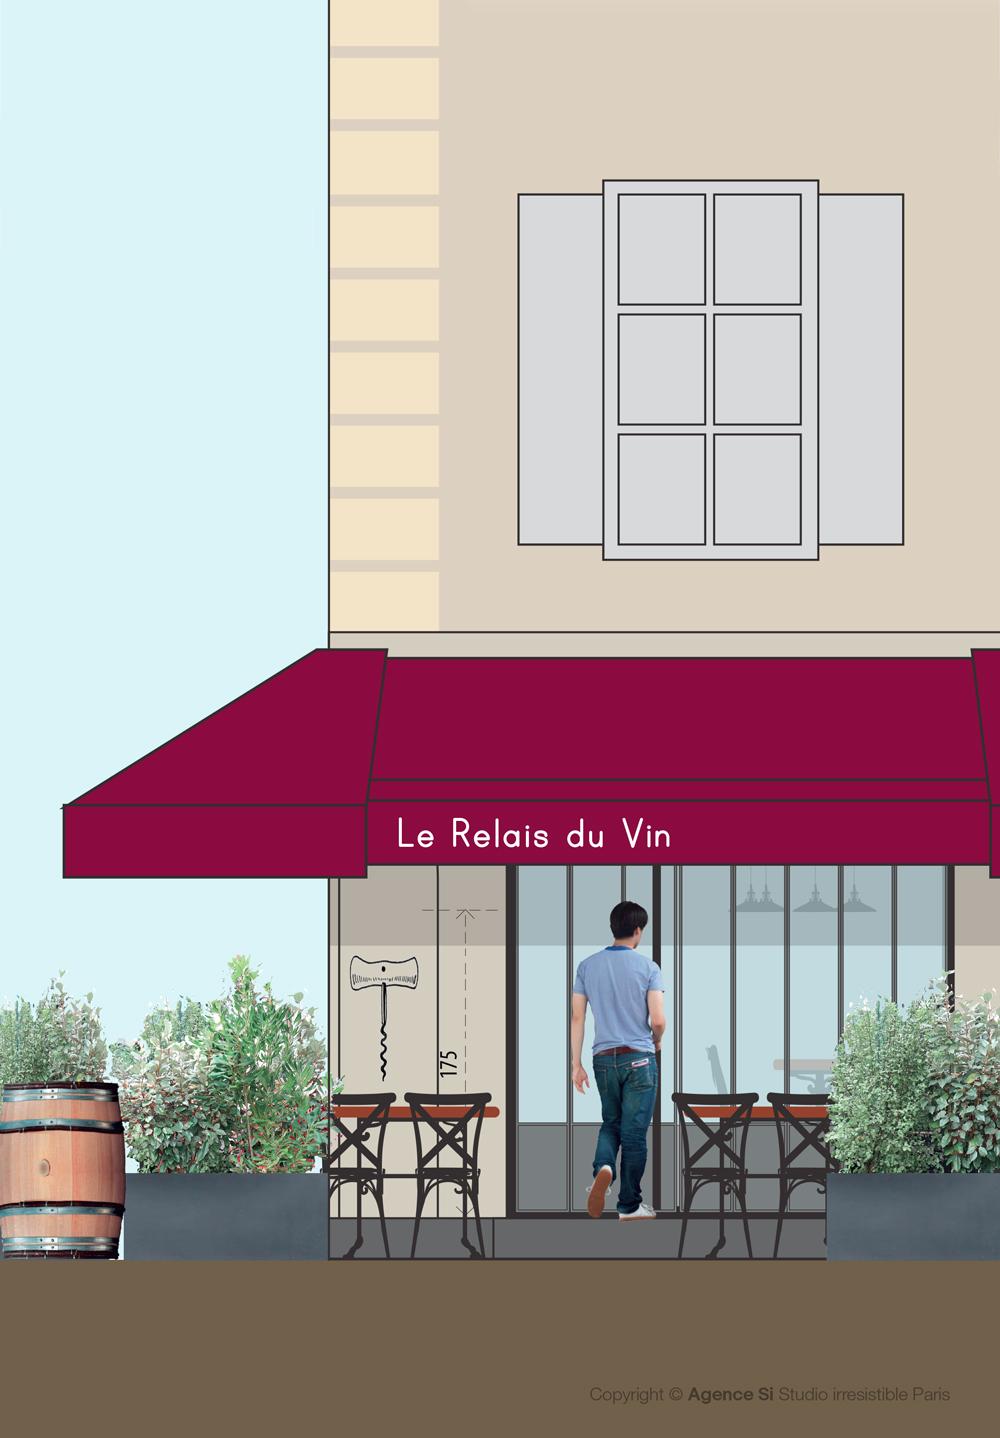 Le Relais Du Vin - Paris Les Halles _Studio-Irresistible_ illustration par Yu Zang Studio irresistible Agence Si